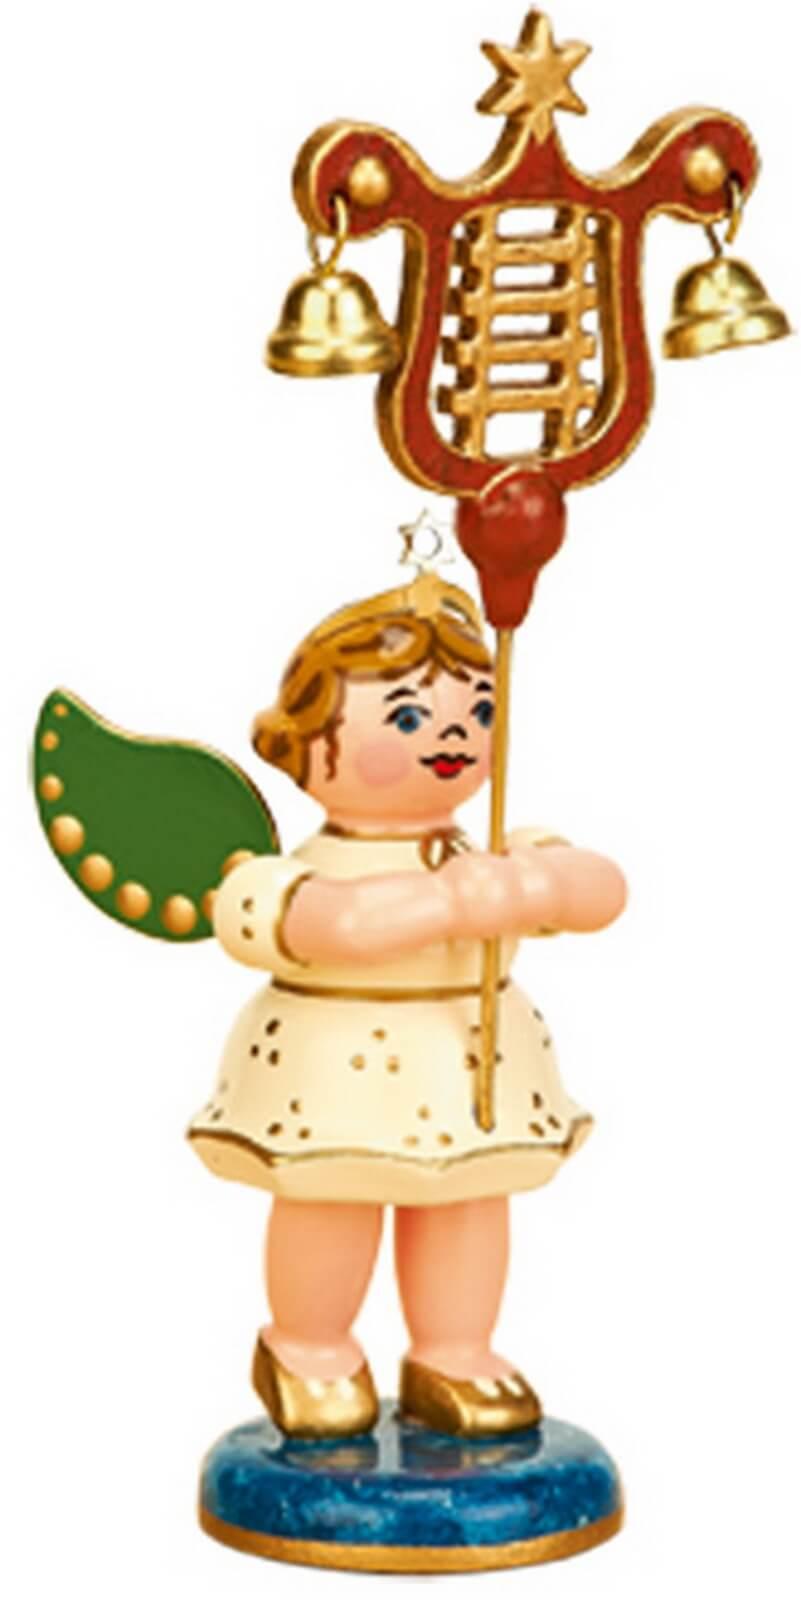 Weihnachtsengel mit Lyra von Hubrig Volkskunst GmbH Zschorlau/ Erzgebirge ist 7 cm groß.